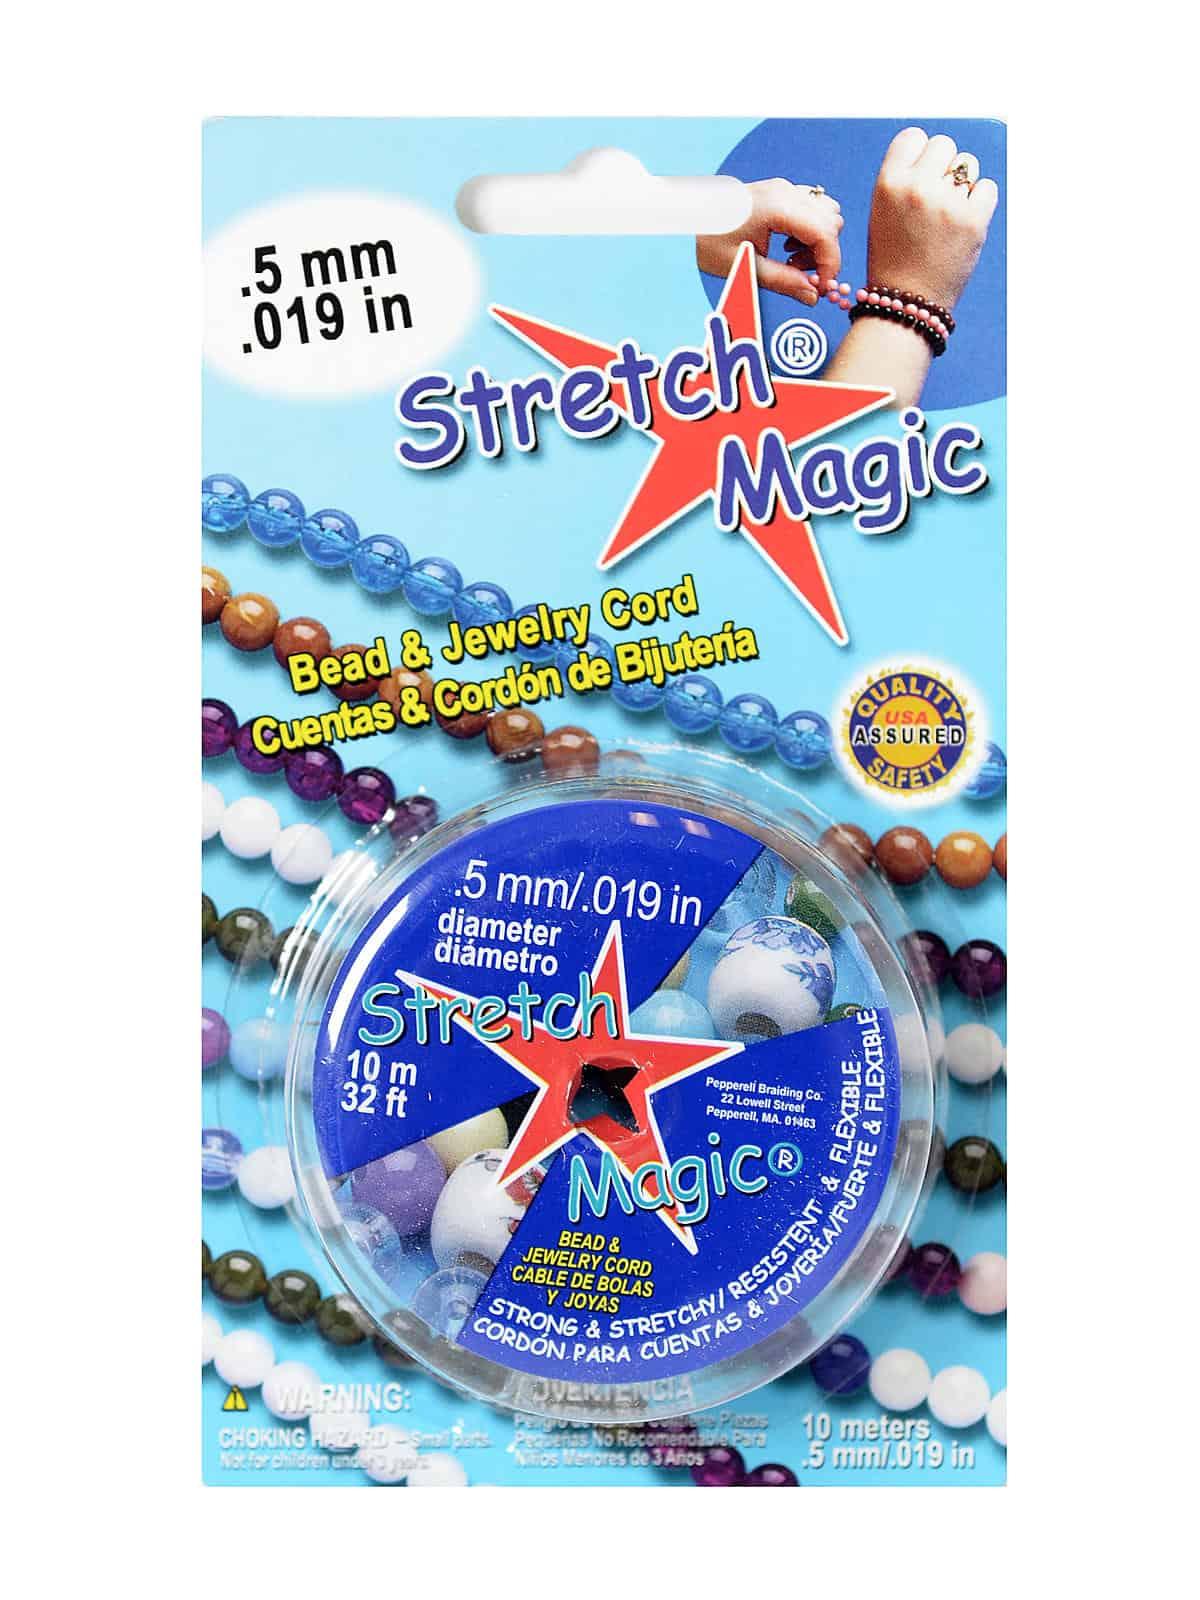 10m Stretch Magic elastic clear thread